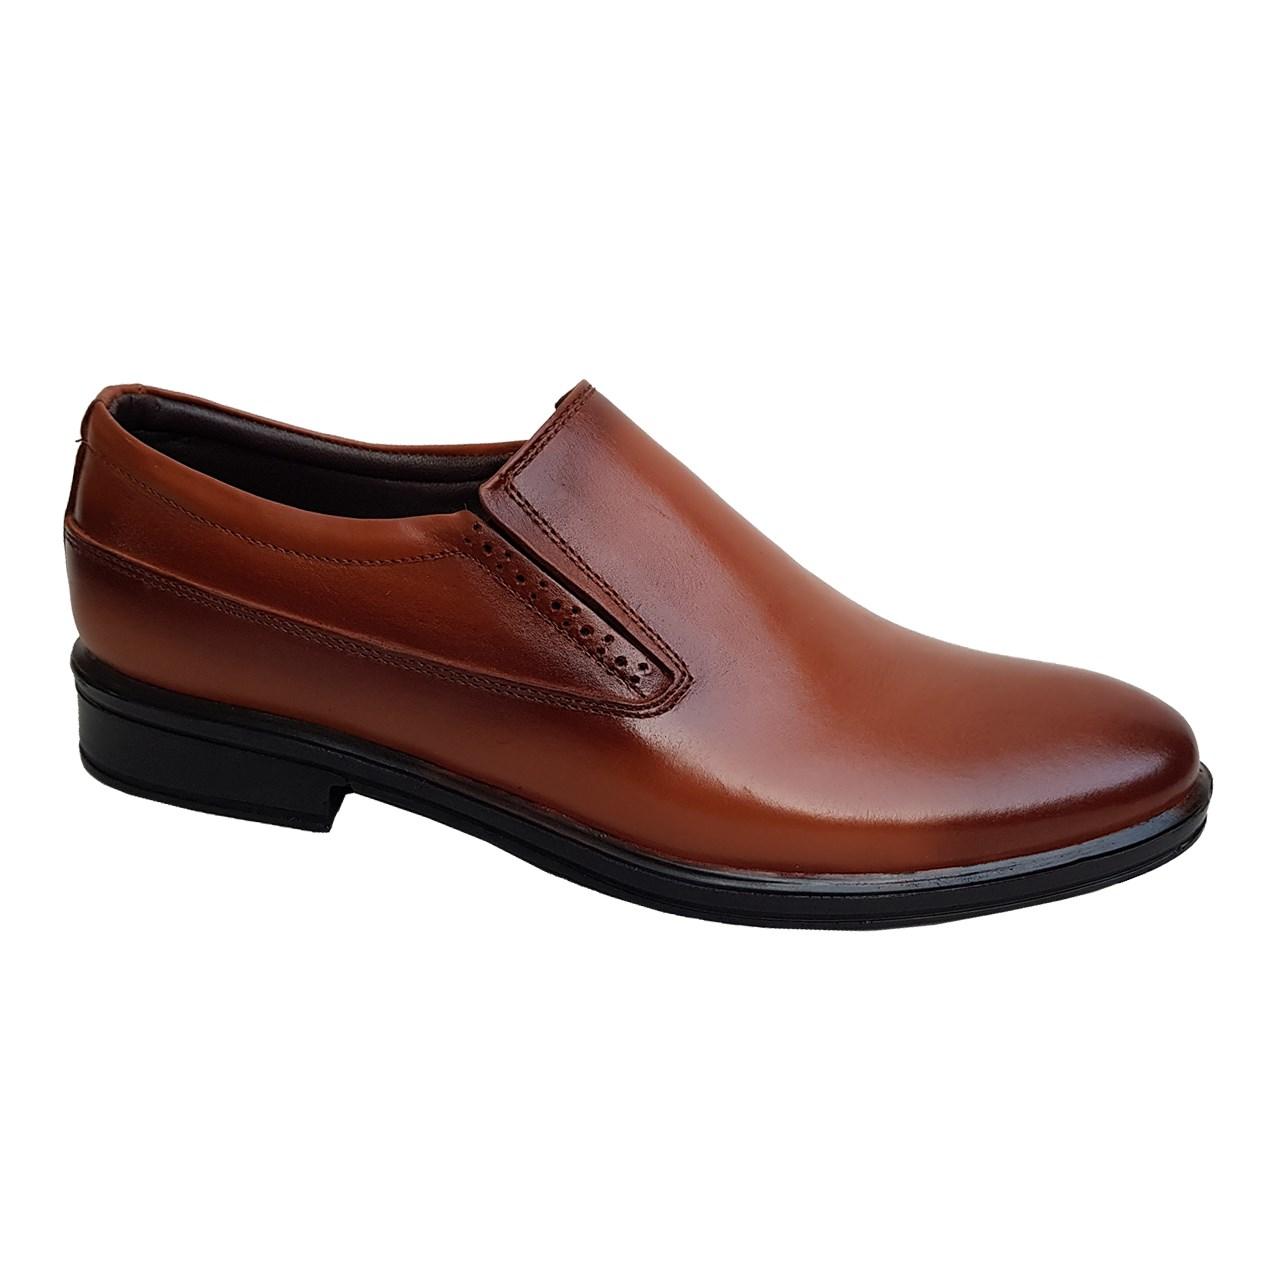 کفش مردانه چرم طبیعی دیاکو مدلMSL-KERAL-K-HONEY